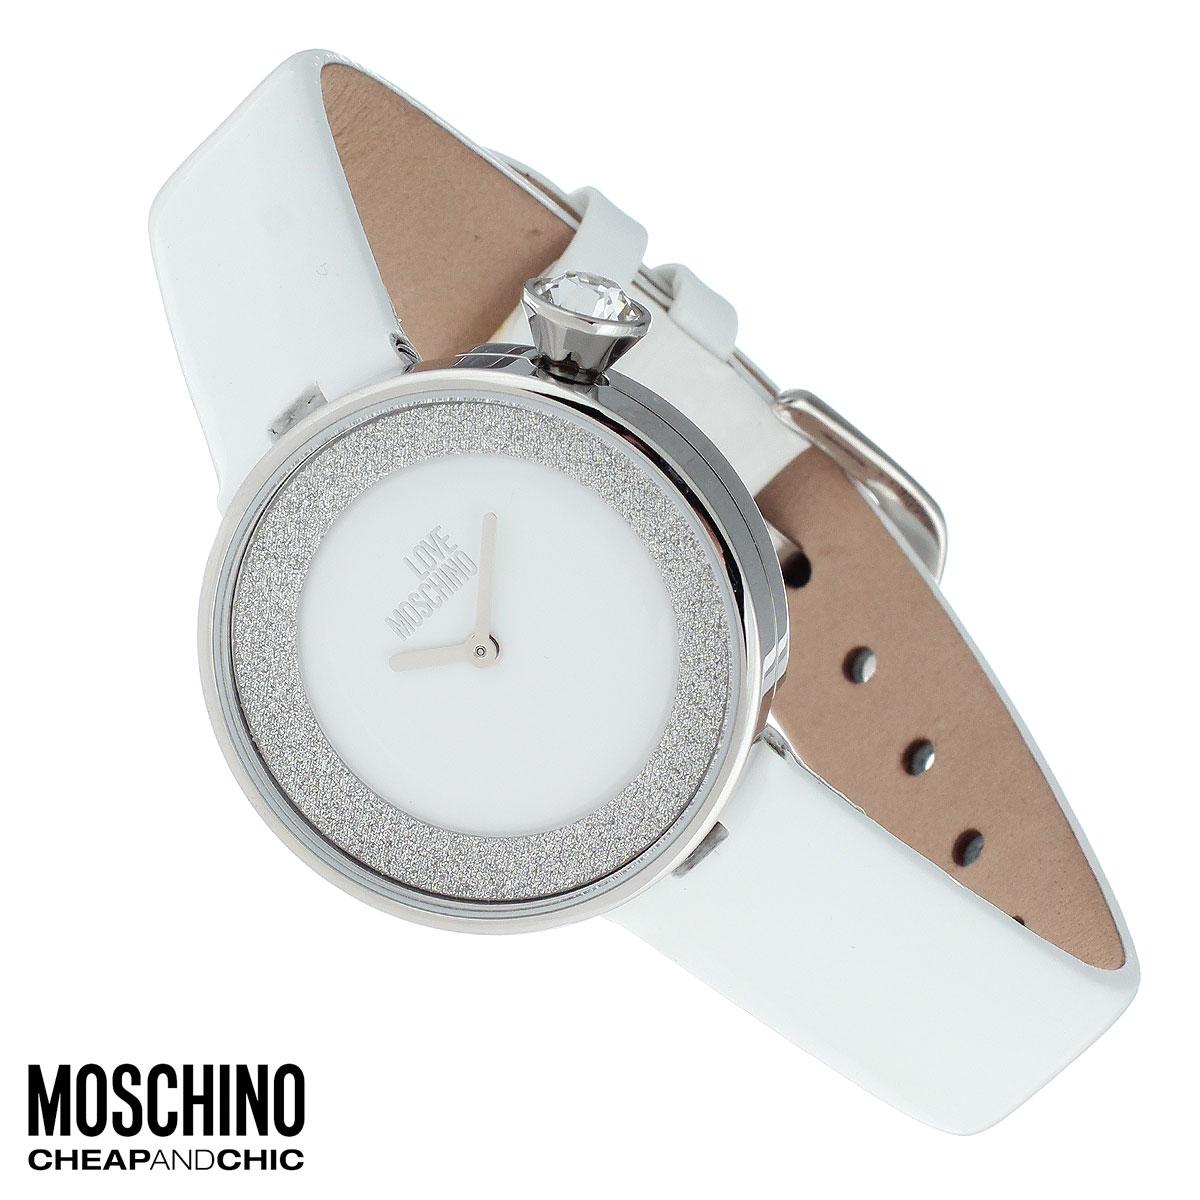 Часы женские наручные Moschino, цвет: белый. MW0427MW0427Наручные часы от известного итальянского бренда Moschino - это не только стильный и функциональный аксессуар, но и современные технологи, сочетающиеся с экстравагантным дизайном и индивидуальностью. Часы Moschino оснащены кварцевым механизмом. Корпус выполнен из высококачественной нержавеющей стали и по контуру циферблата декорирован блестками. Циферблат без отметок оформлен надписью Love Moschino и защищен минеральным стеклом. Часы имеют две стрелки - часовую и минутную. Ремешок часов выполнен из натуральной кожи и имеет классическую застежку. Часы упакованы в фирменную металлическую коробку с логотипом бренда. Часы Moschino благодаря своему уникальному дизайну отличаются от часов других марок своеобразными циферблатами, функциональностью, а также набором уникальных технических свойств. Каждой модели присуща легкая экстравагантность, самобытность и, безусловно, великолепный вкус. Характеристики: Диаметр циферблата: 2,3 см. ...